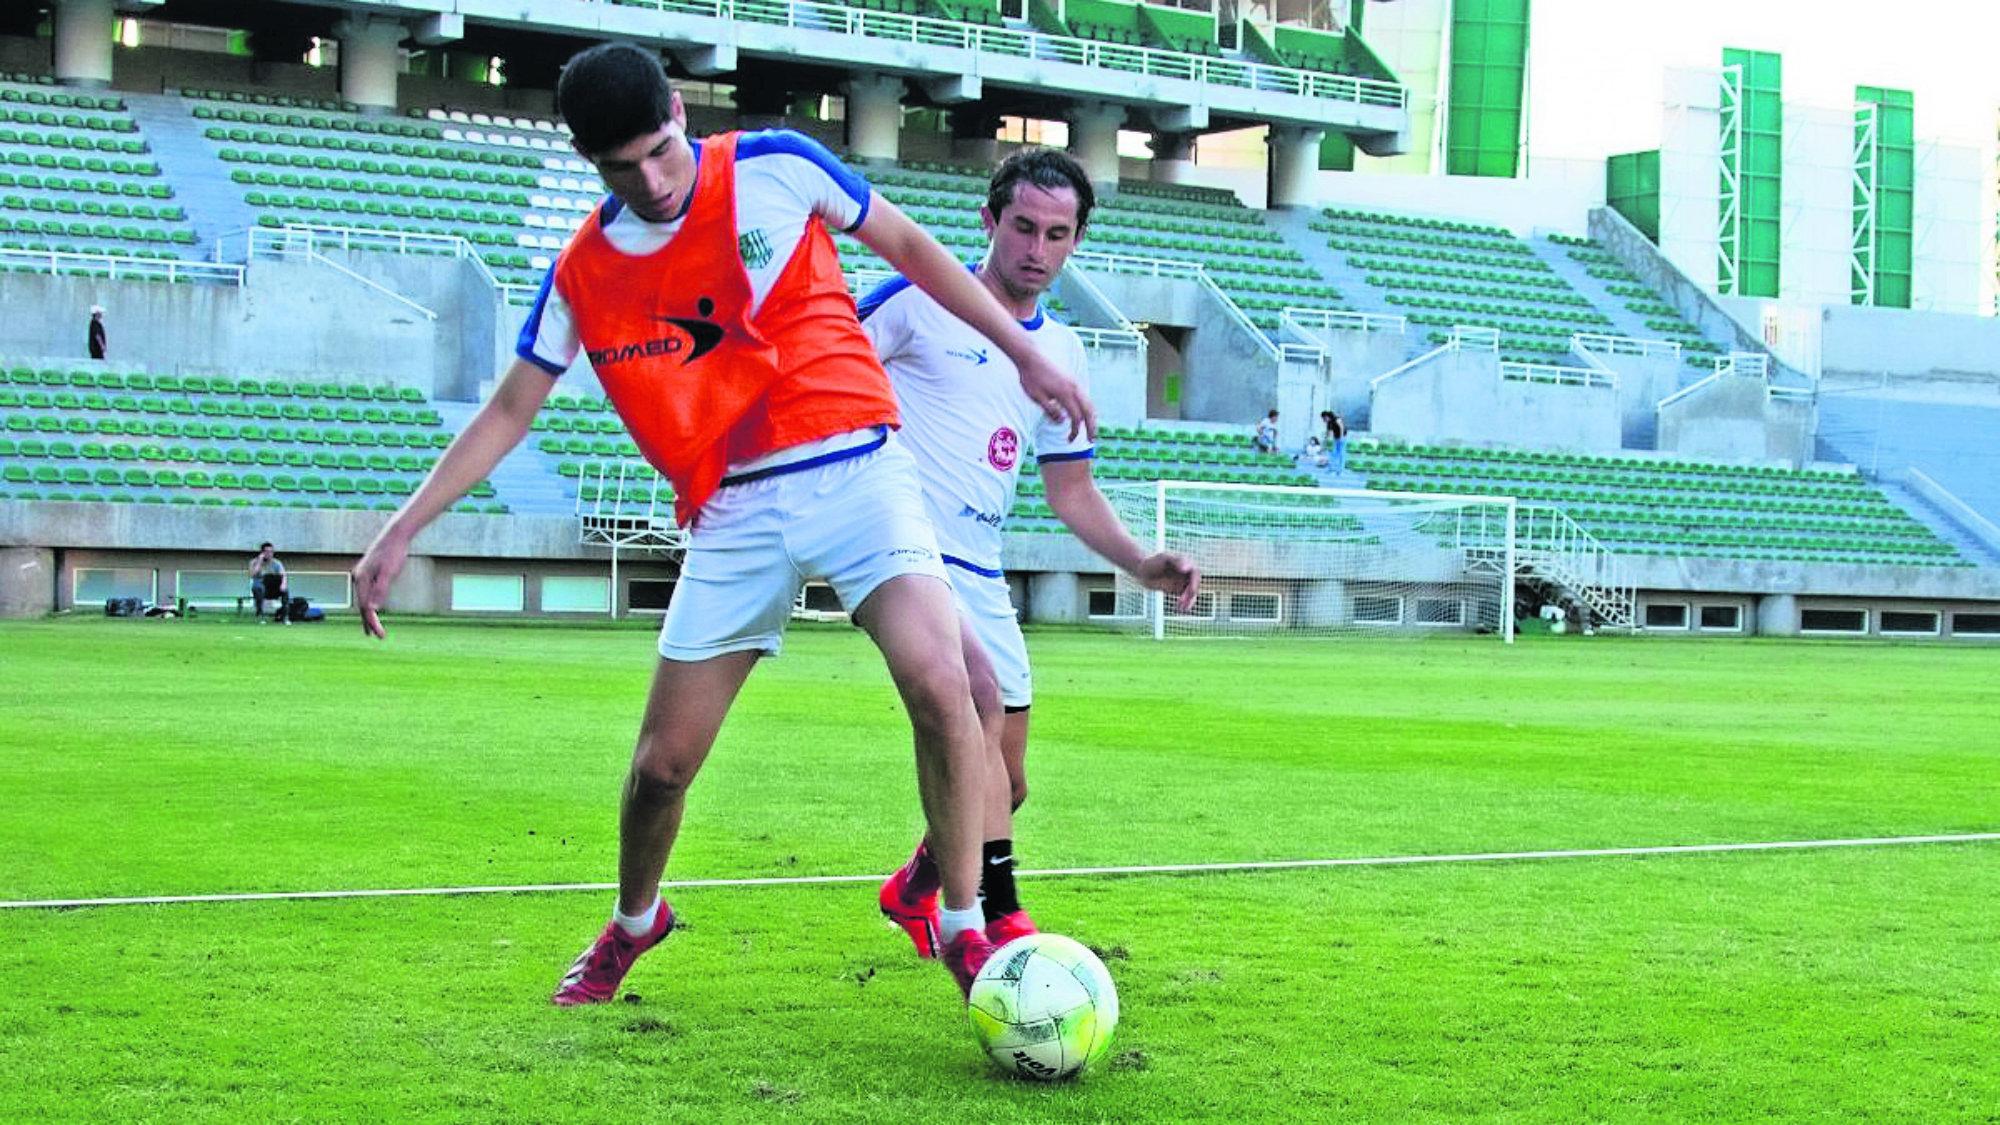 Cañeros del Zacatepec Cañeros vs Mineros Liga de ascenso